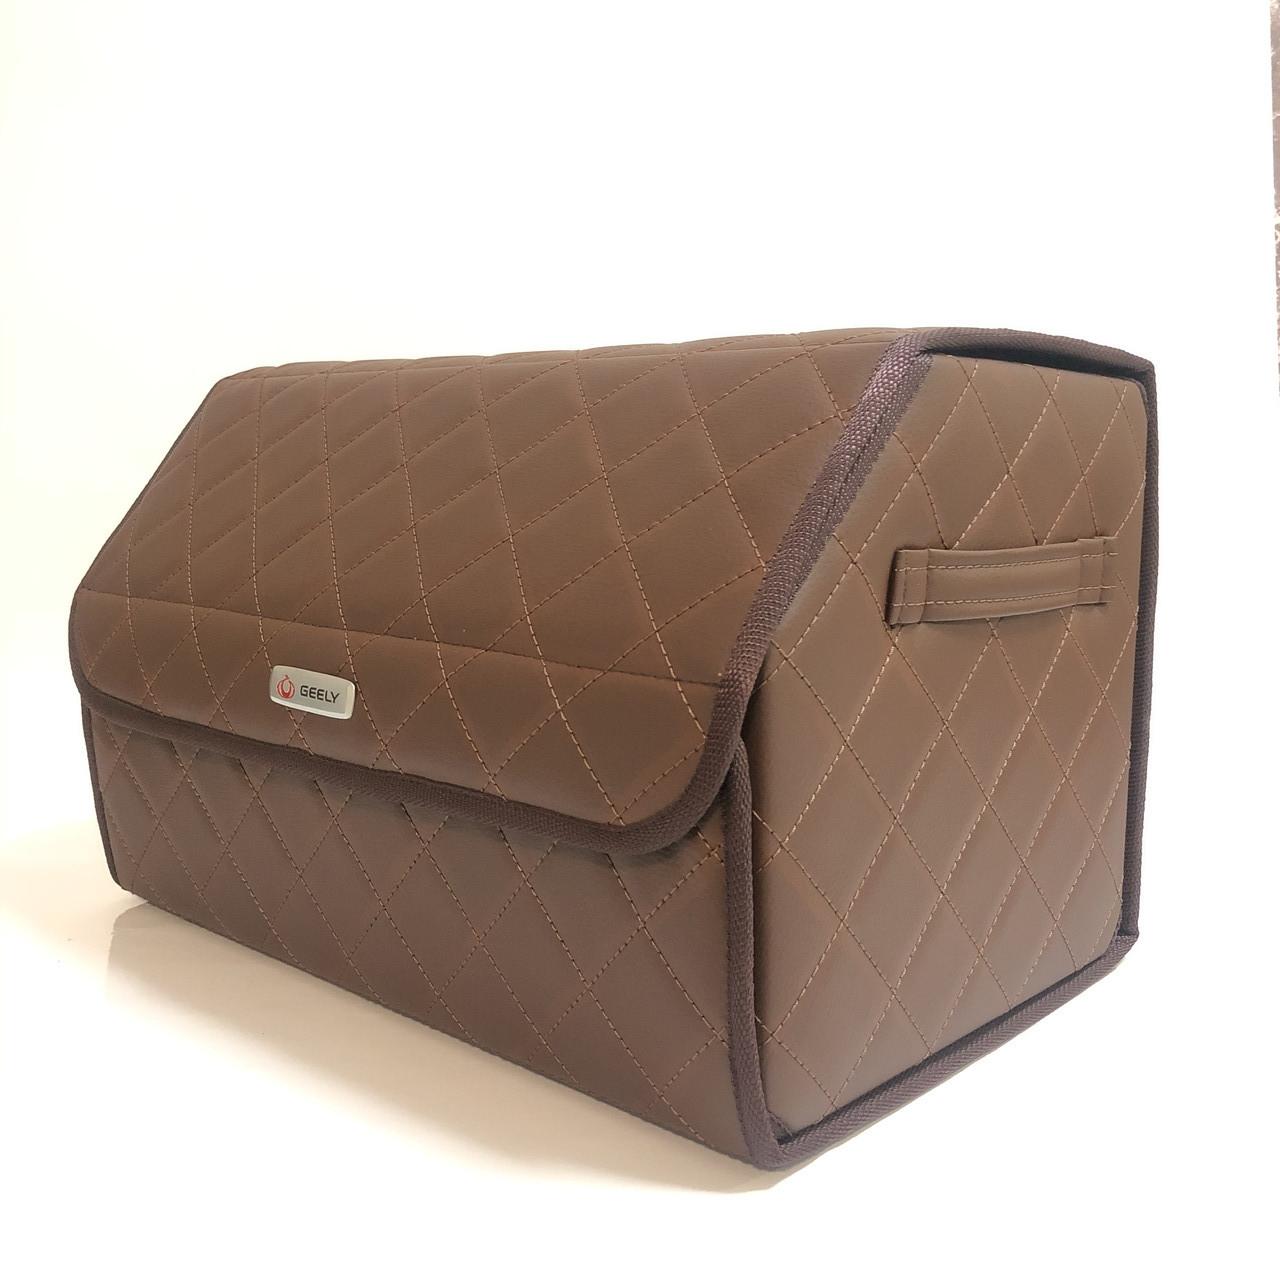 Саквояж с лого в багажник «Geely» I Органайзер в авто Коричневый Джили